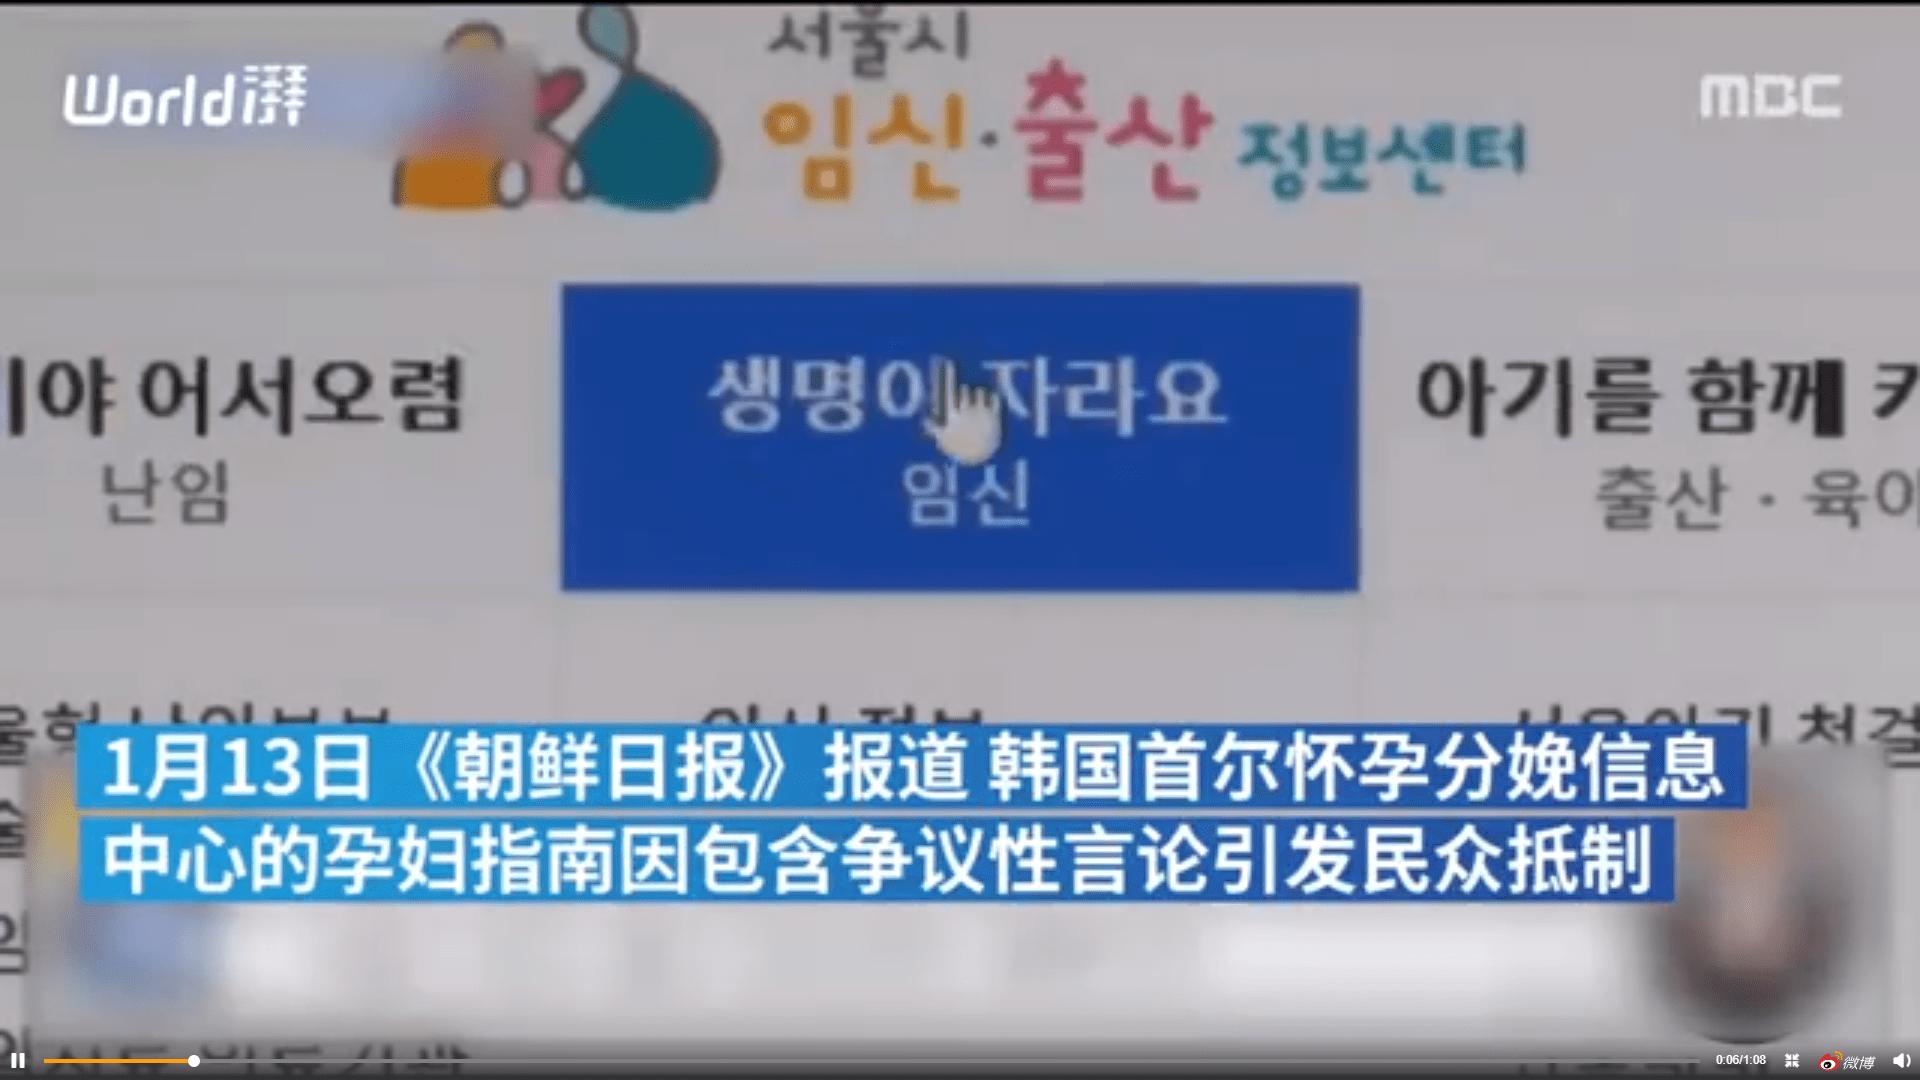 奇葩!韩国官方发布孕妇指南,建议分娩前给丈夫备好饭菜和衣物!